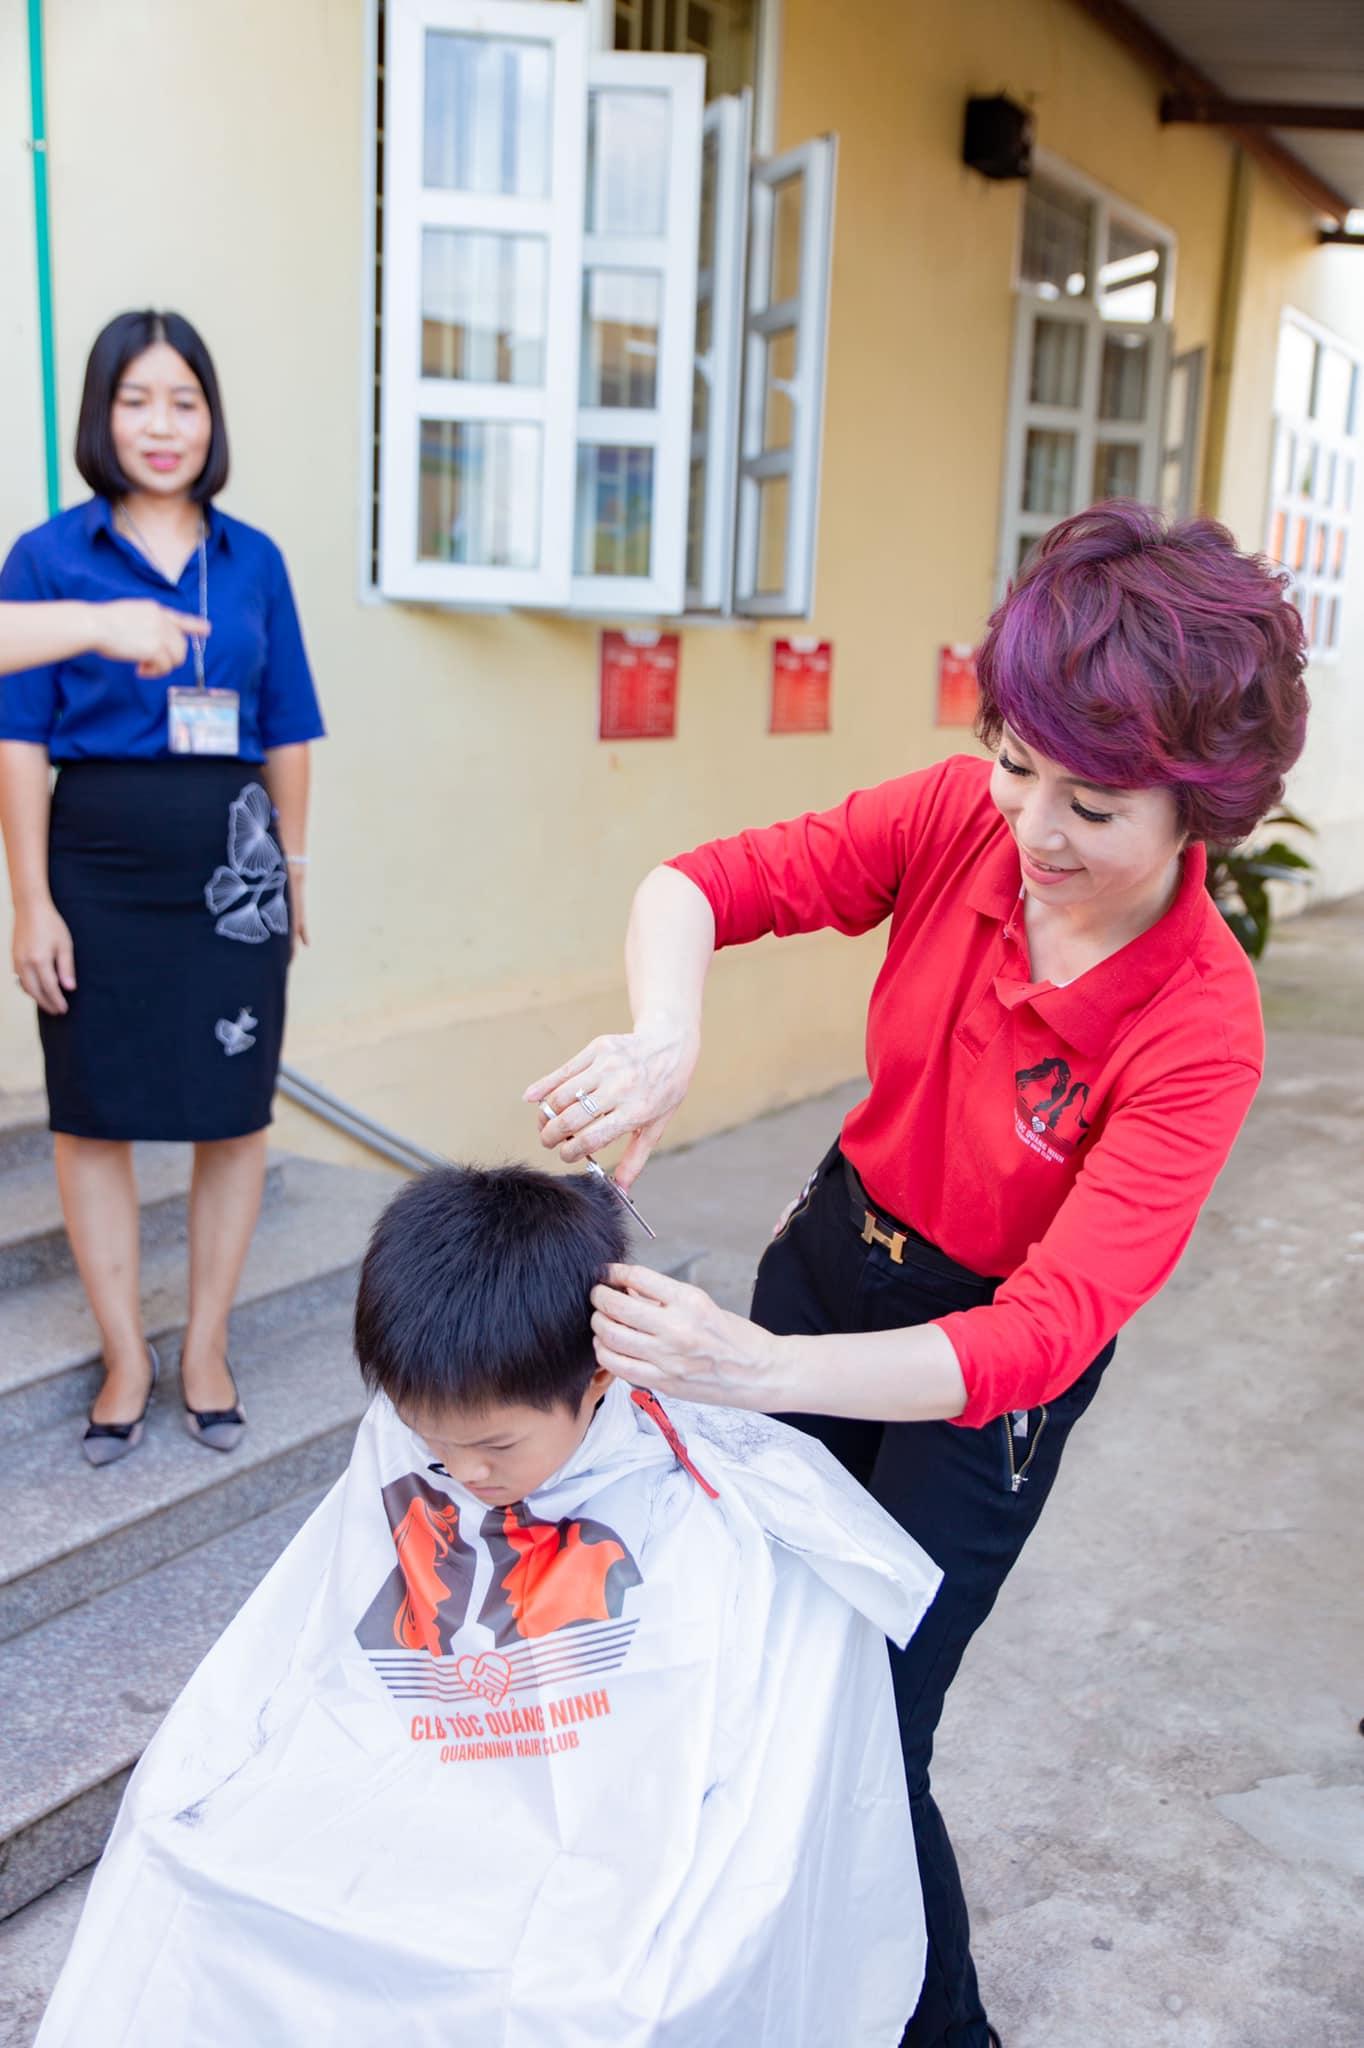 Chị trong hoạt động từ thiện cho các trẻ em có hoàn cảnh khó khăn